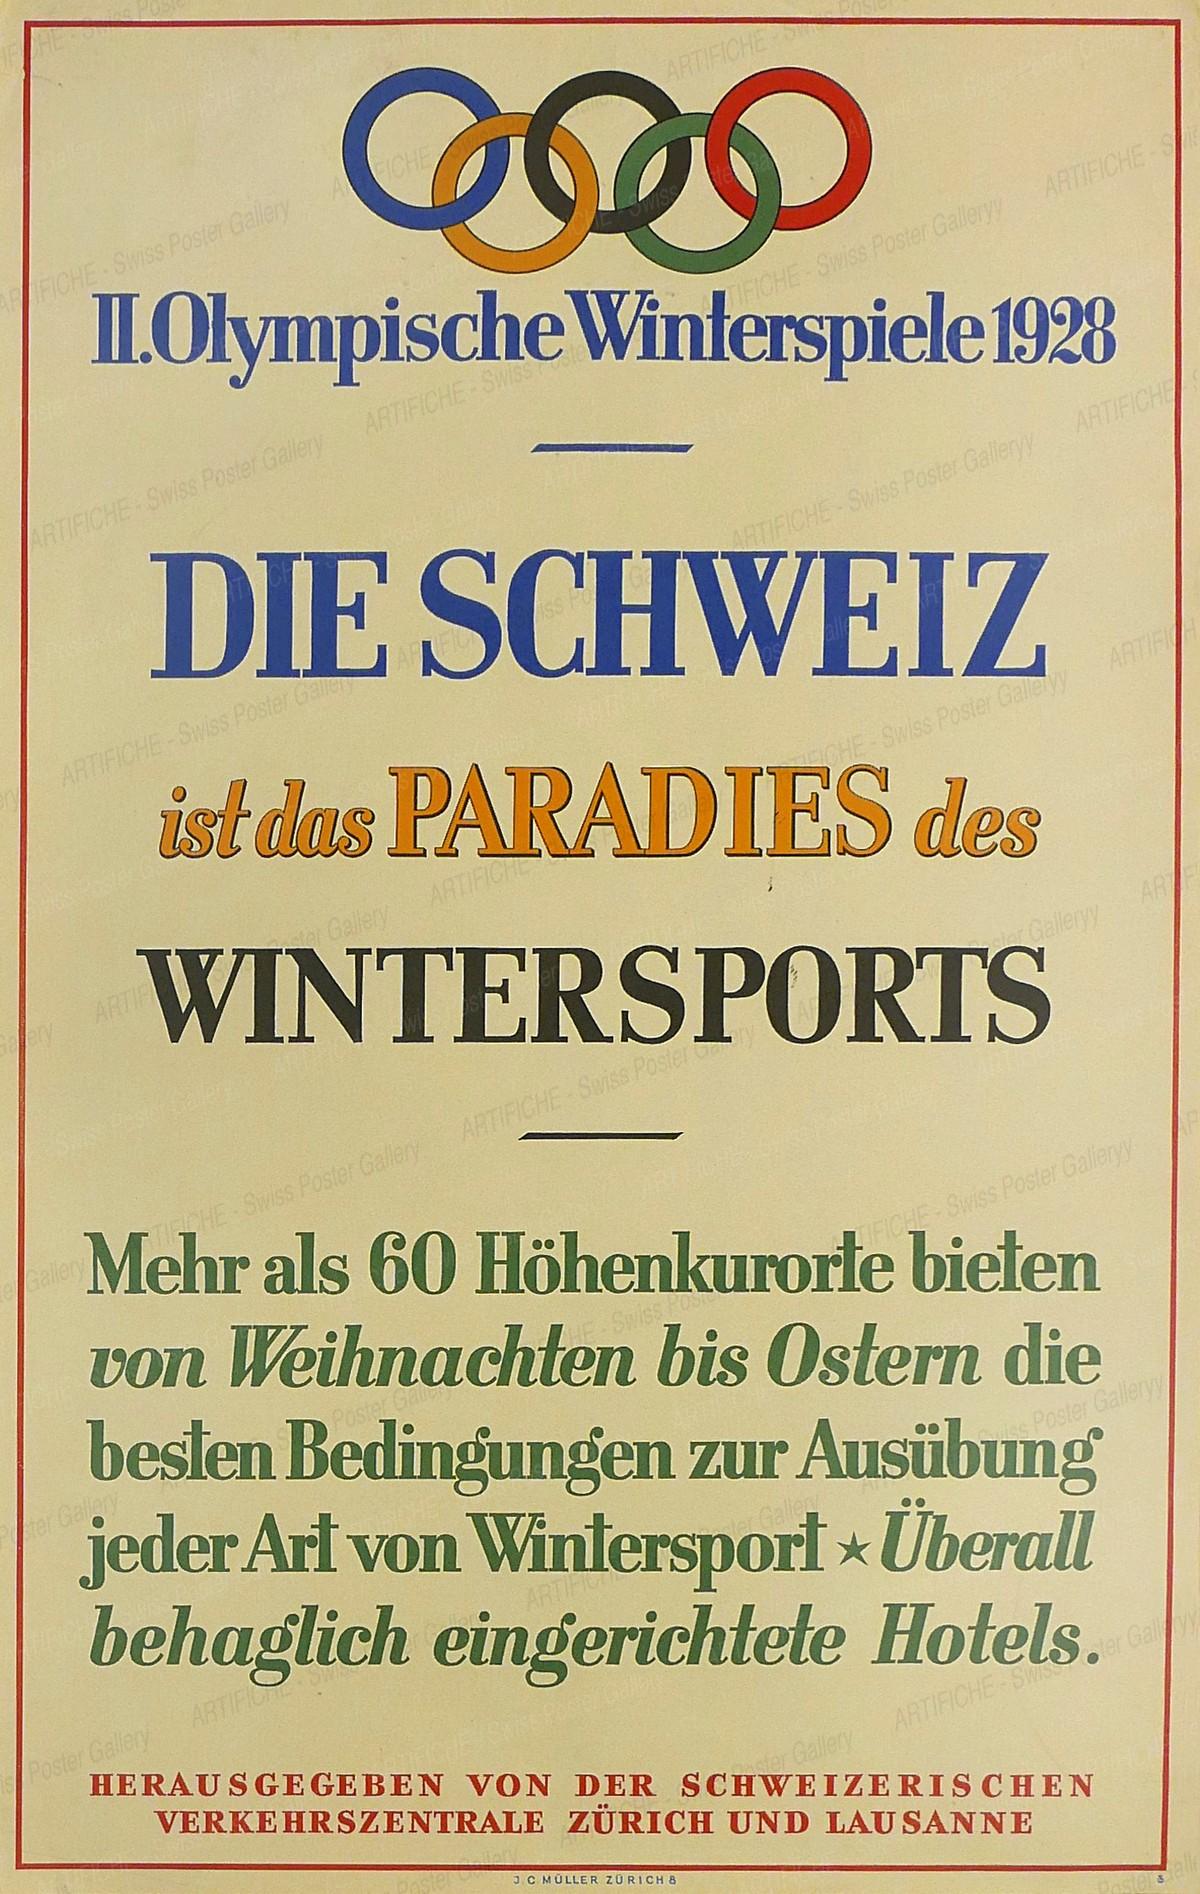 II. Olympische Winterspiele 1928, Artist unknown